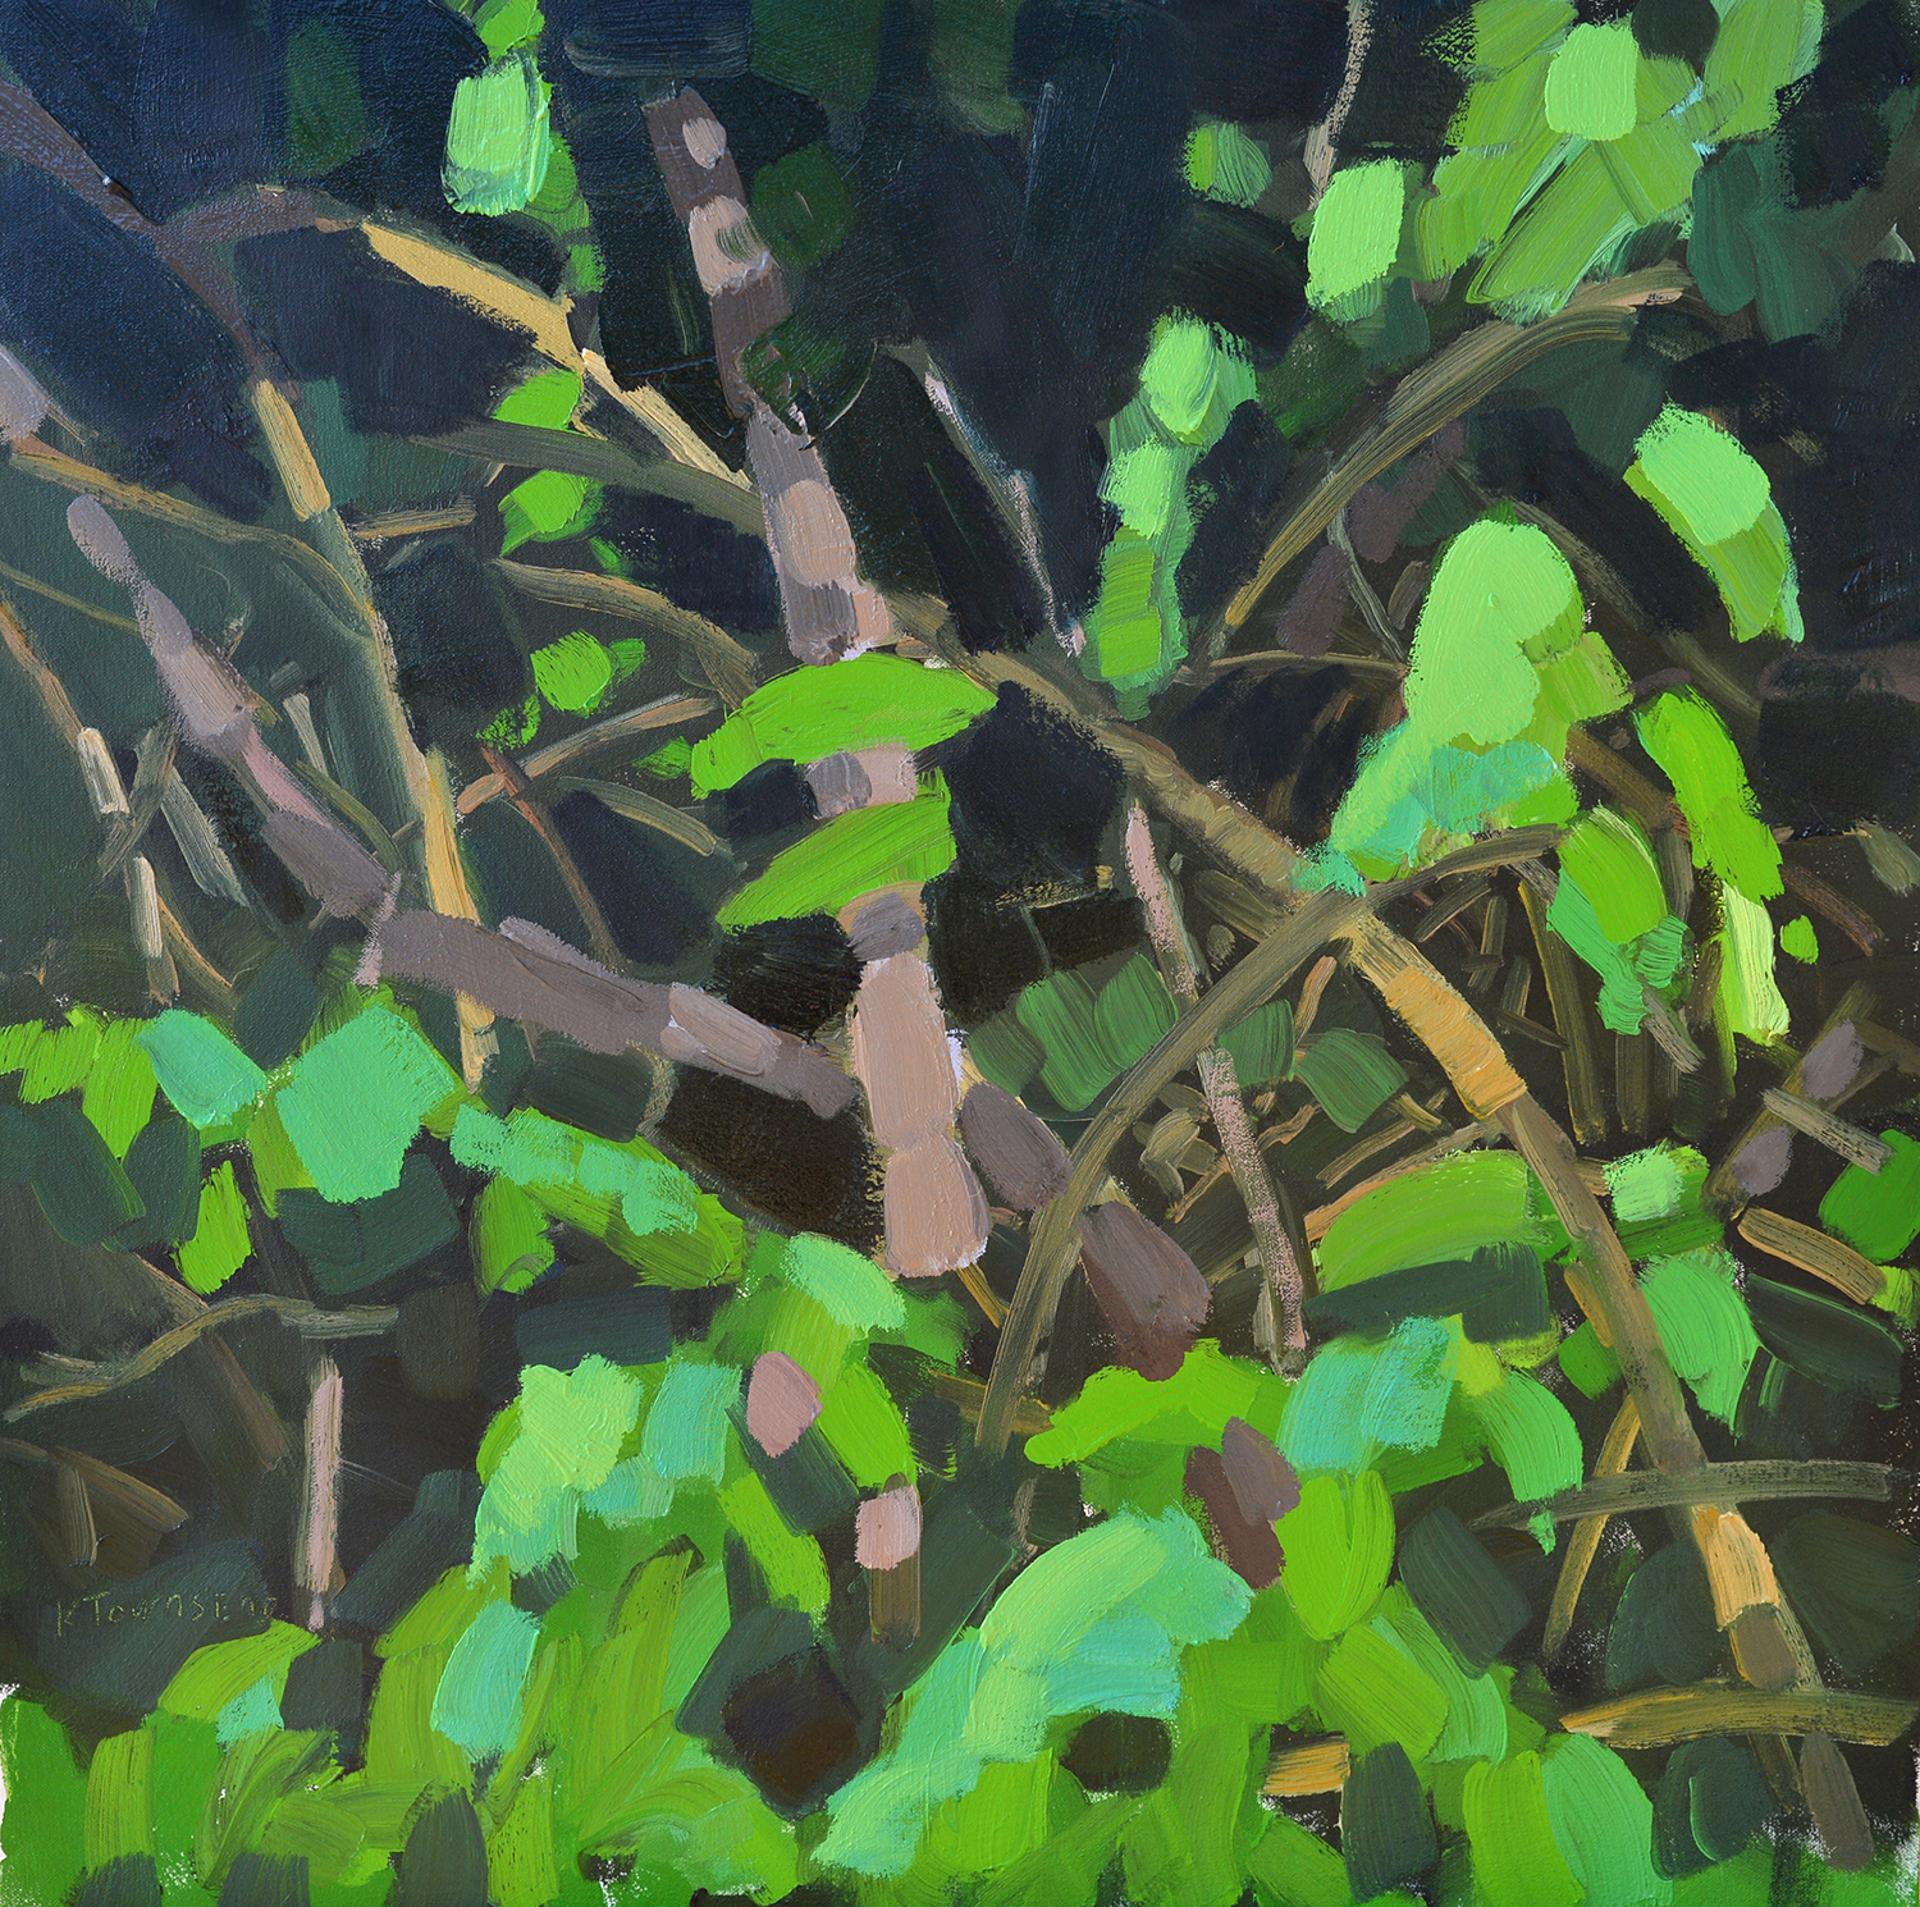 Underbrush by Krista Townsend